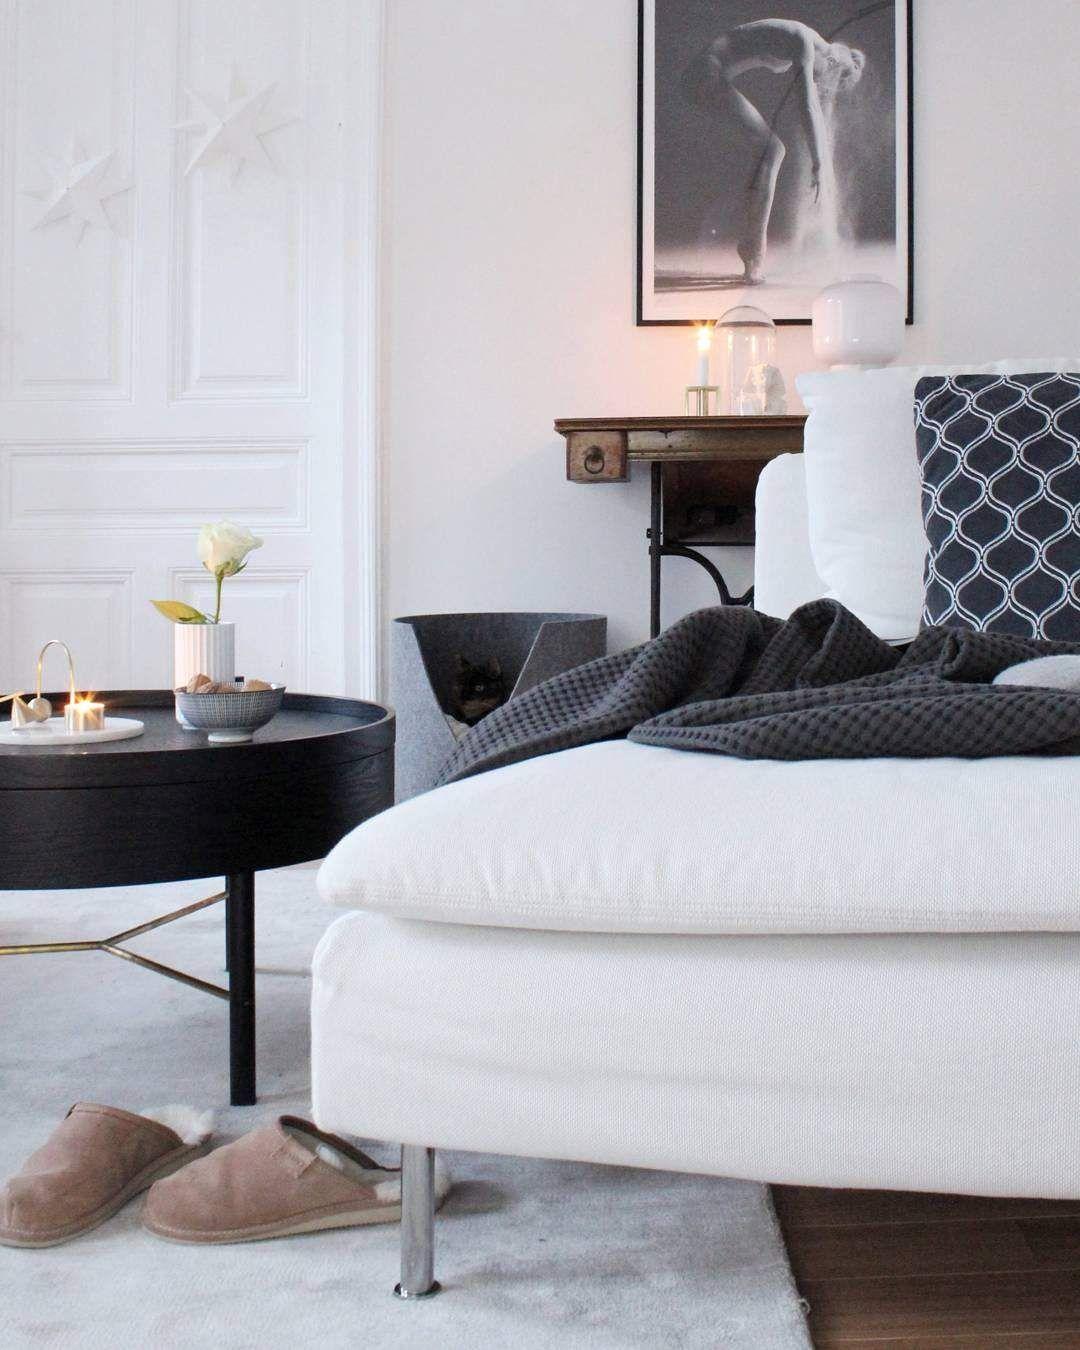 Schwarz Weiß Bilder Wohnzimmer in 2020